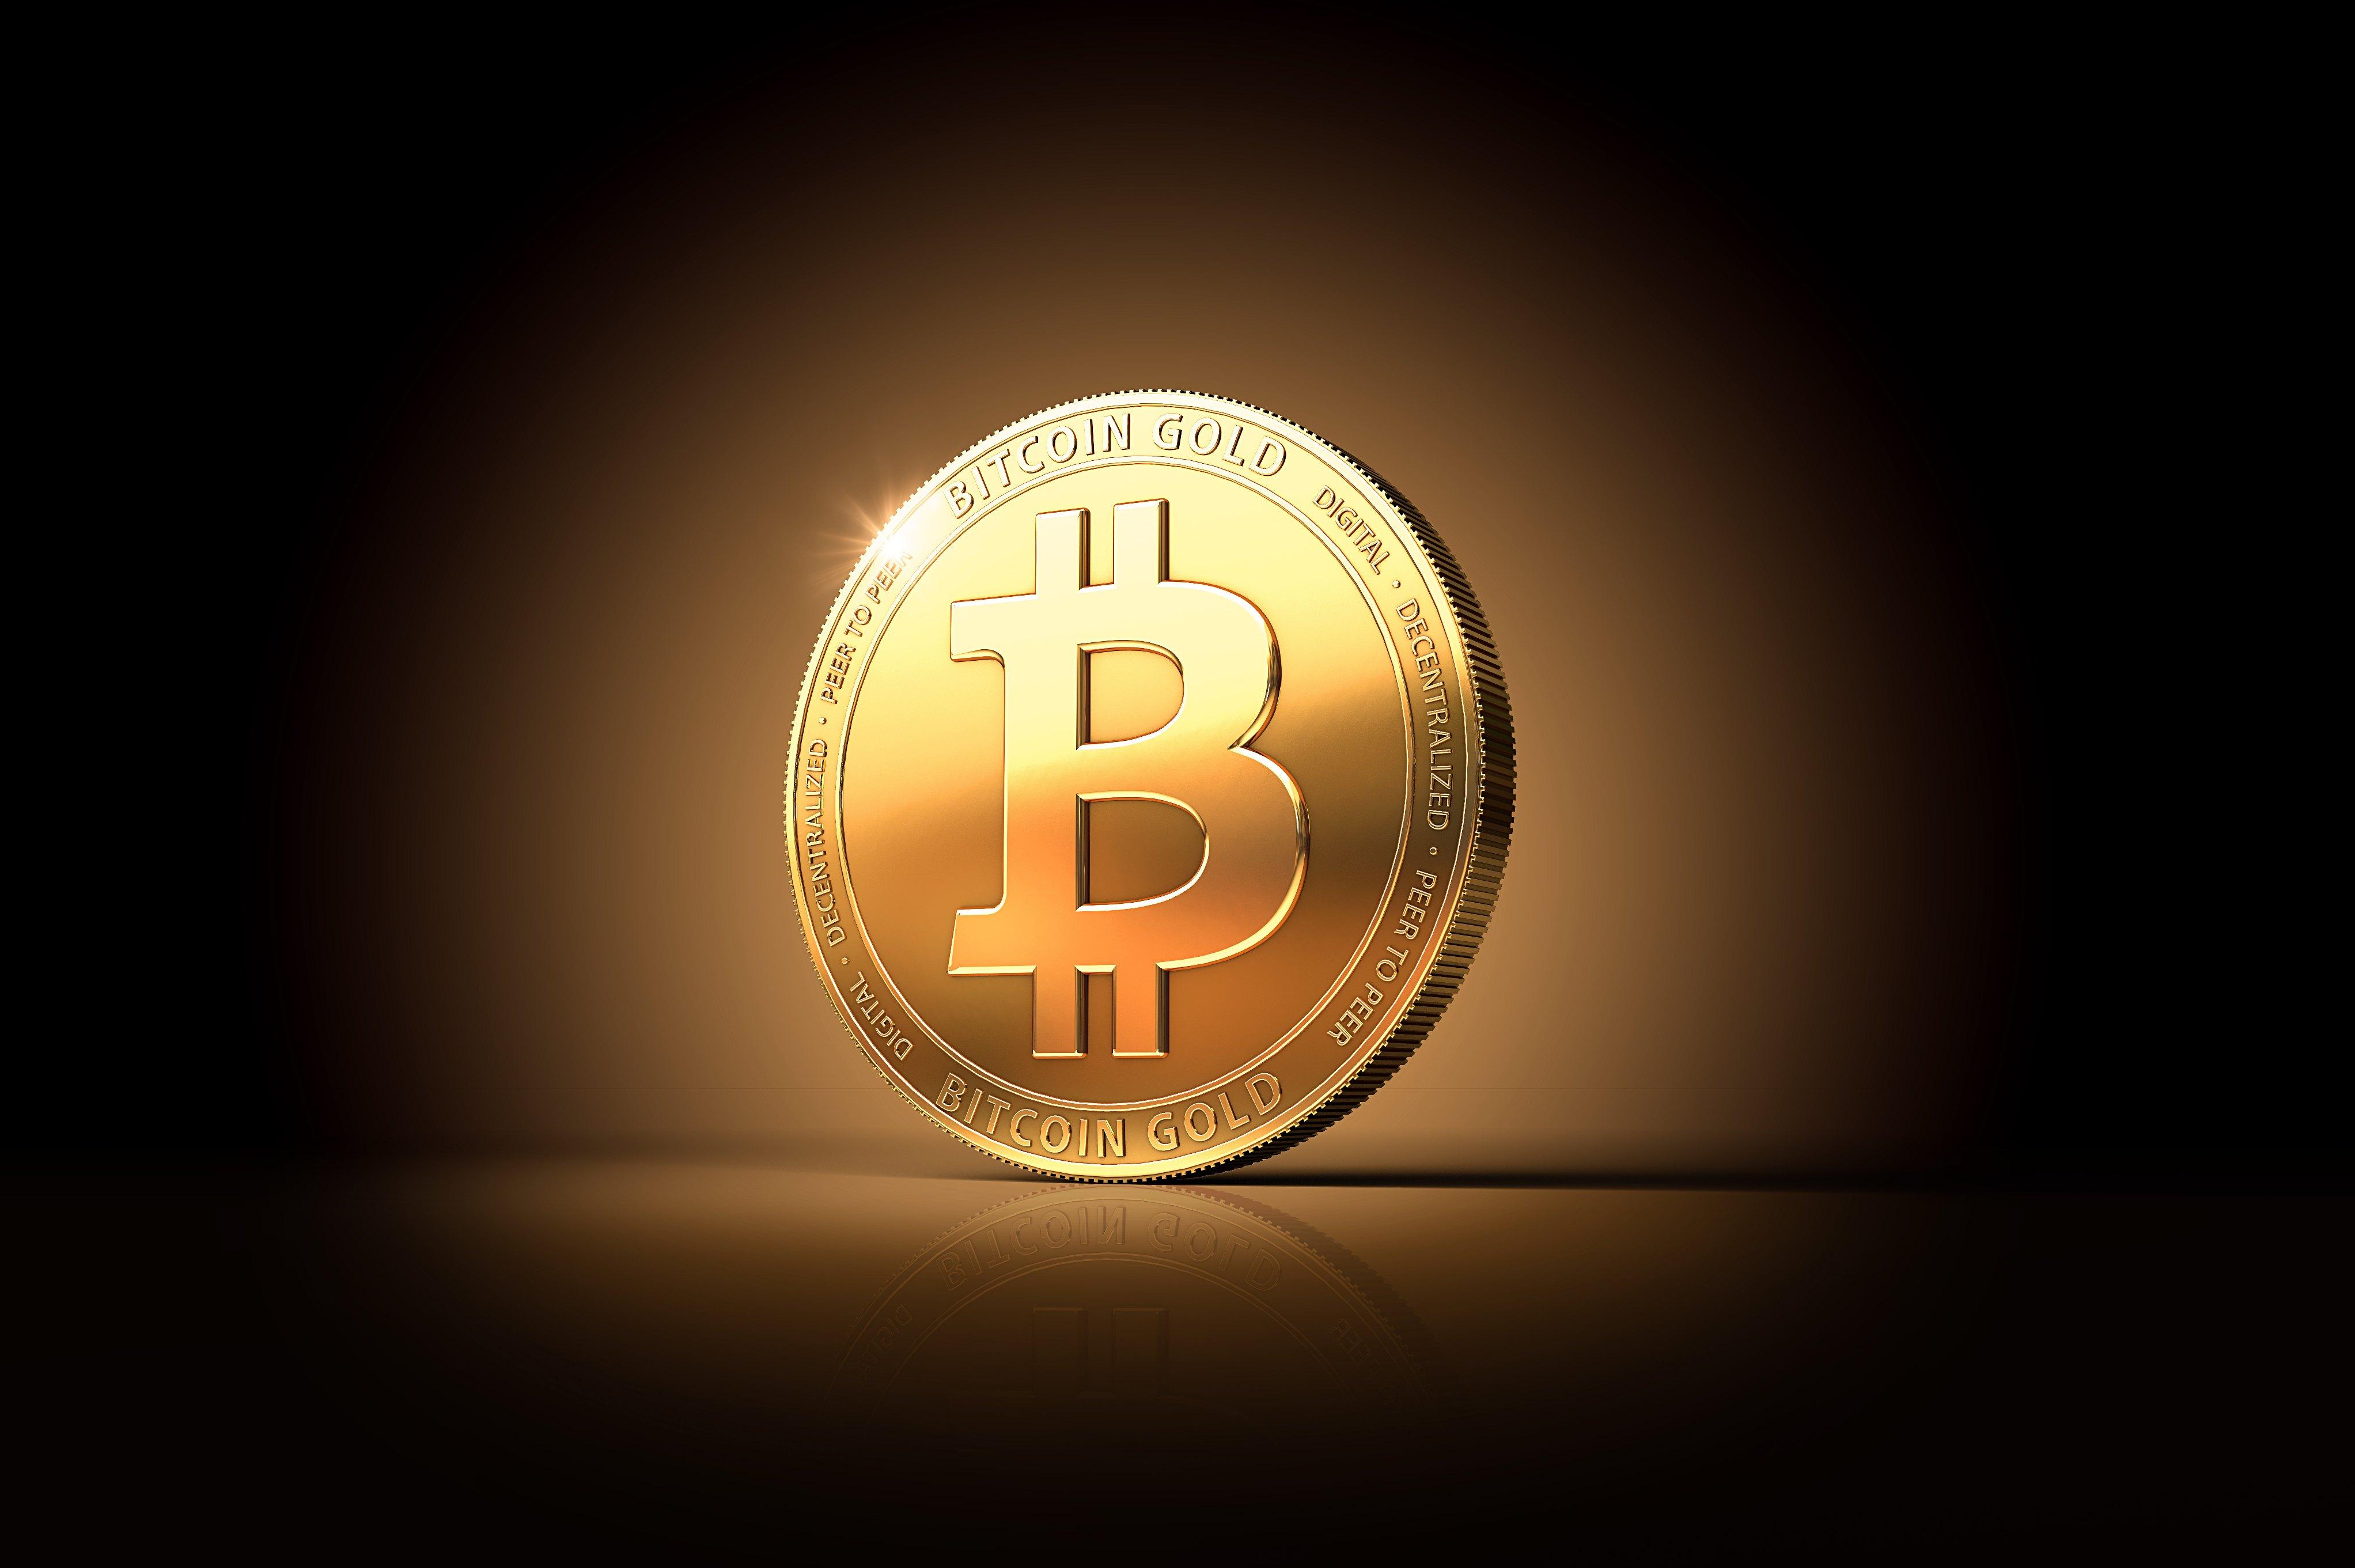 Bitcoin Gold là gì?